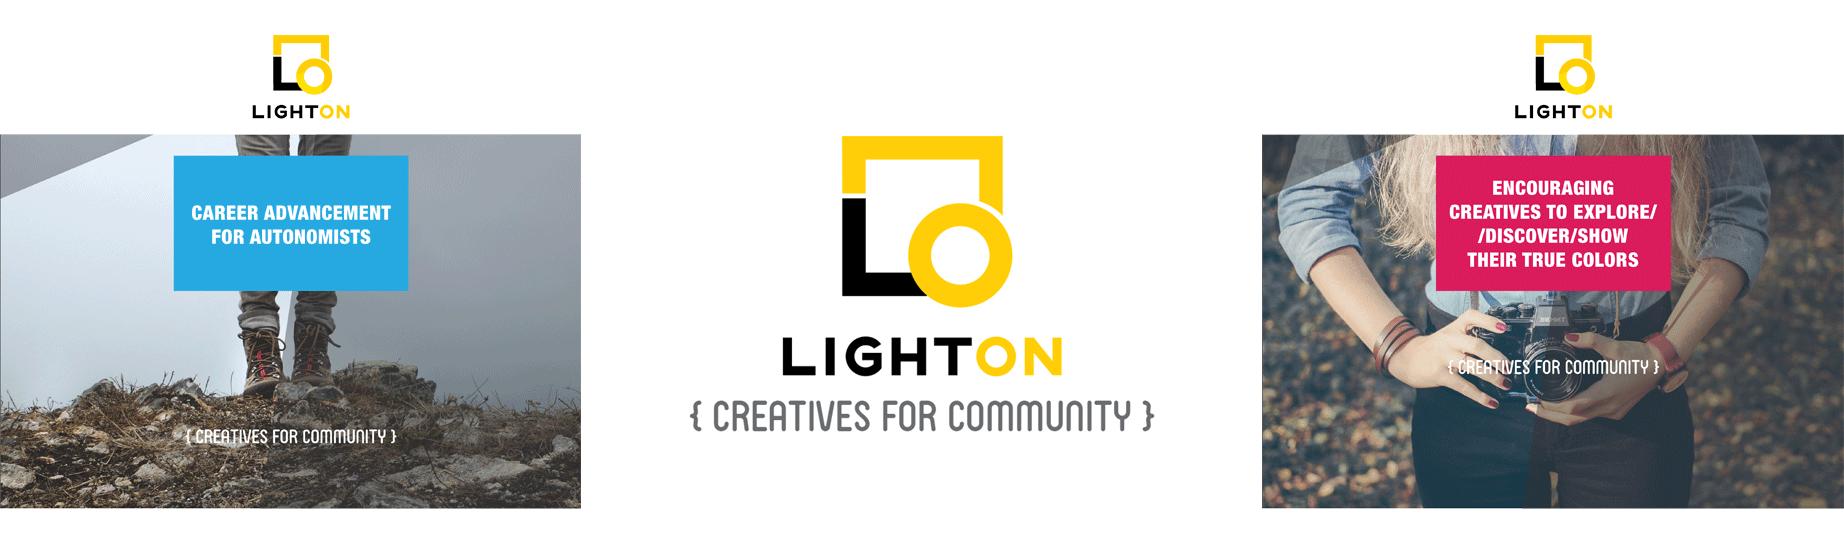 Light On - Creatives for Community Brand Design